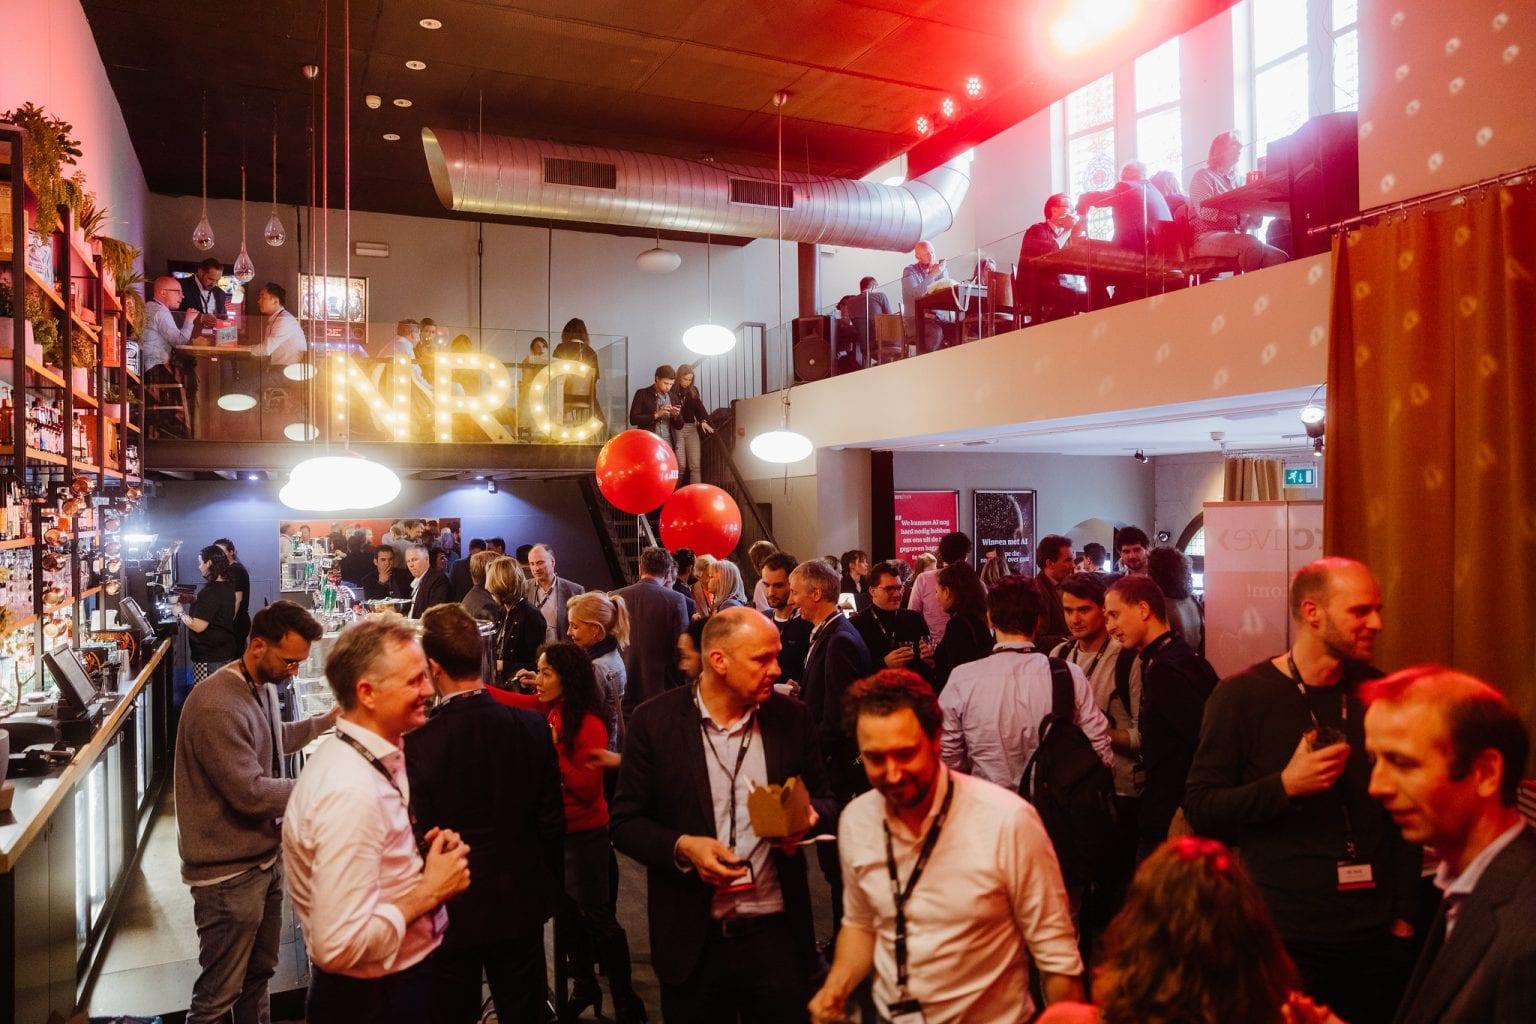 NRC Bar